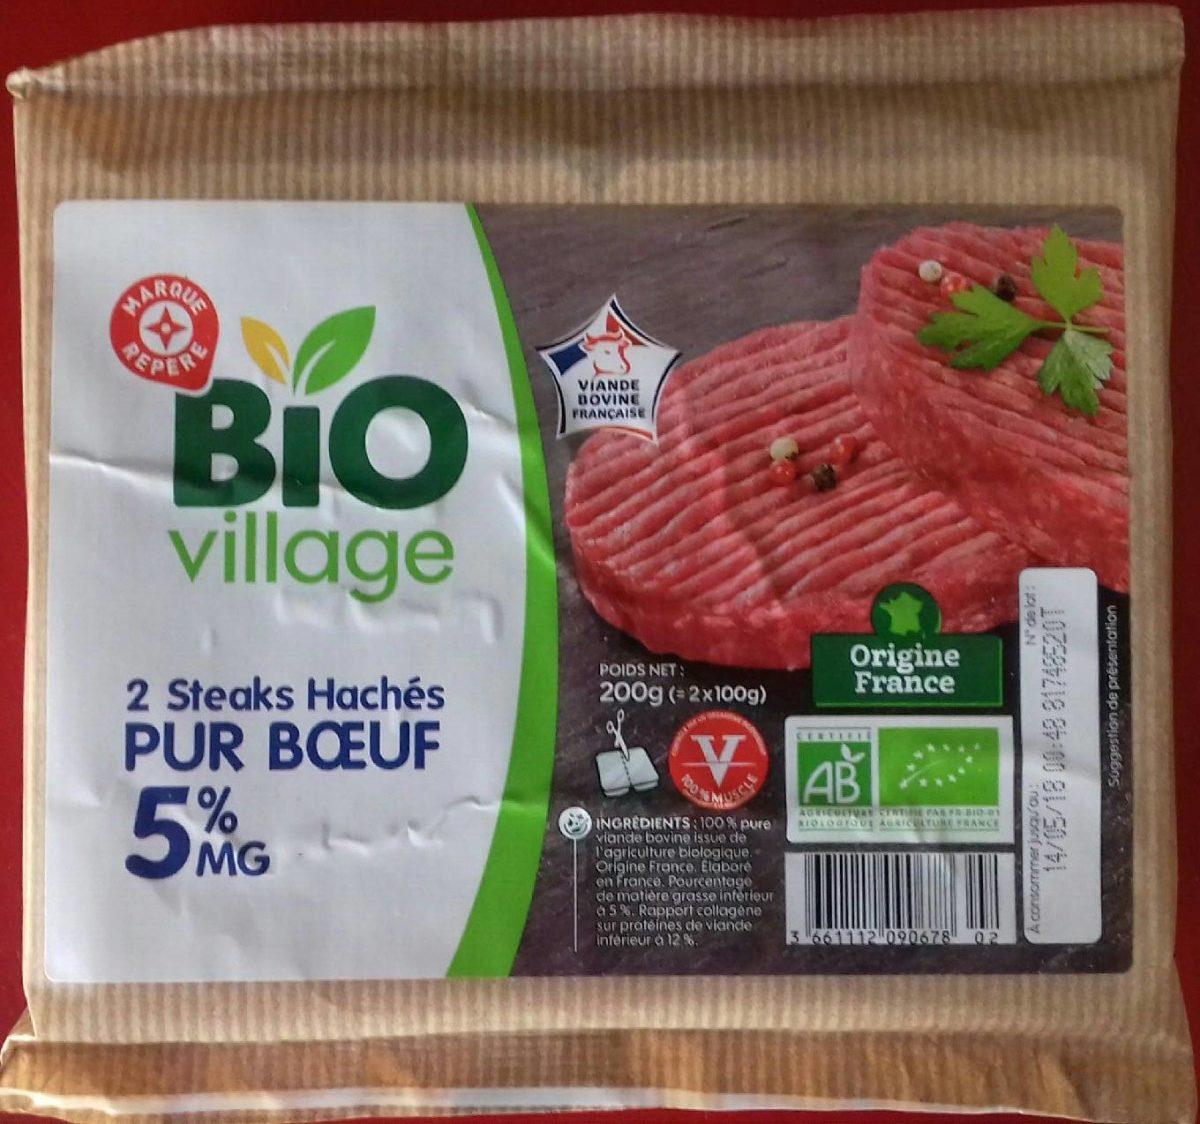 2 steaks hachés pur bœuf (5% MG) - Produit - fr